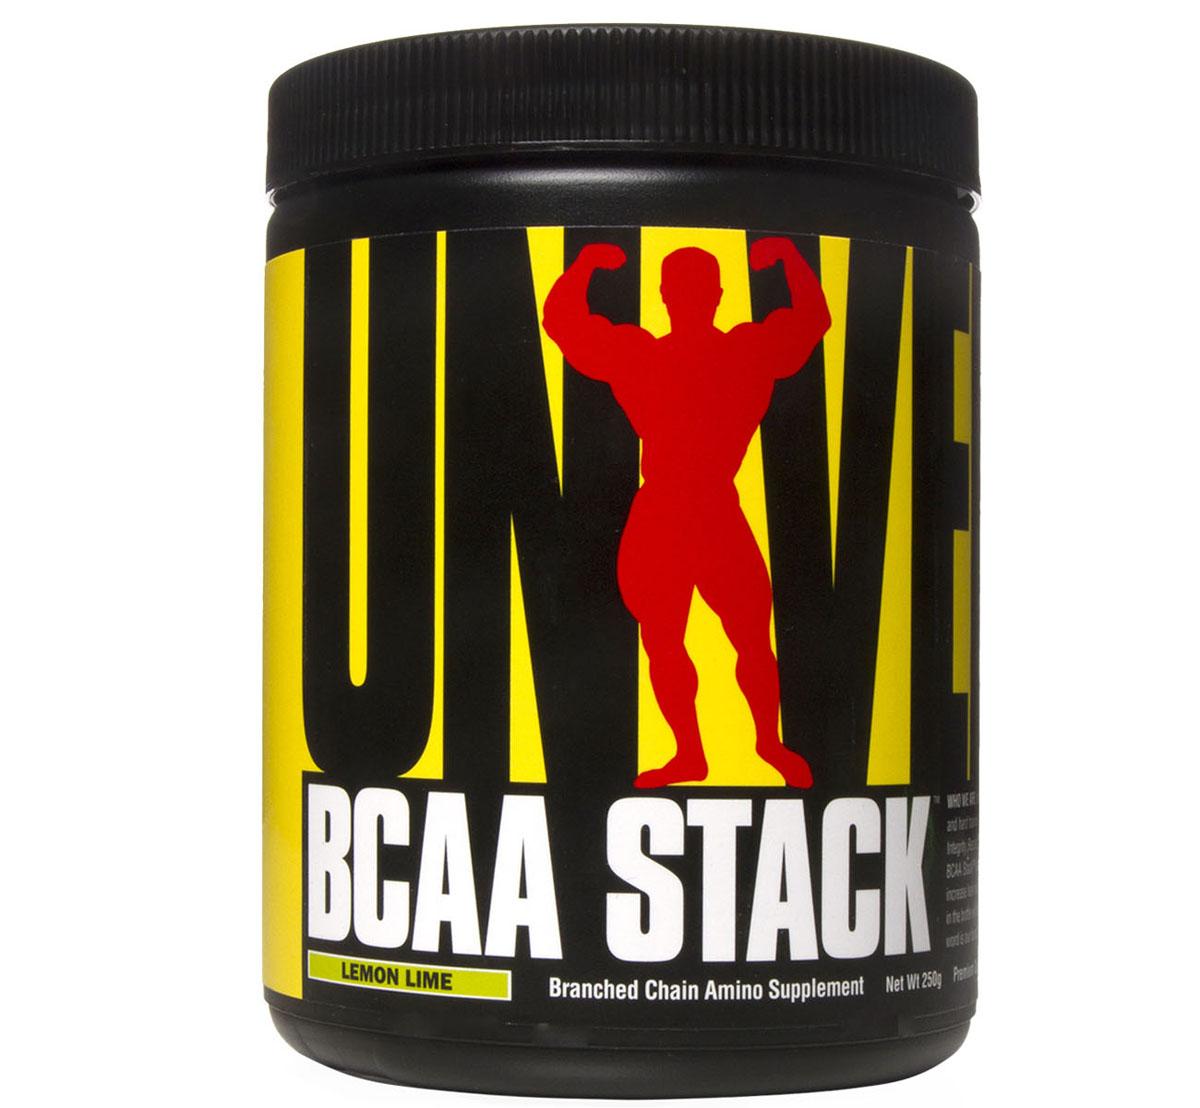 BCAA UN BCAA Stack 1кг лимон-лайм ( U5214 )